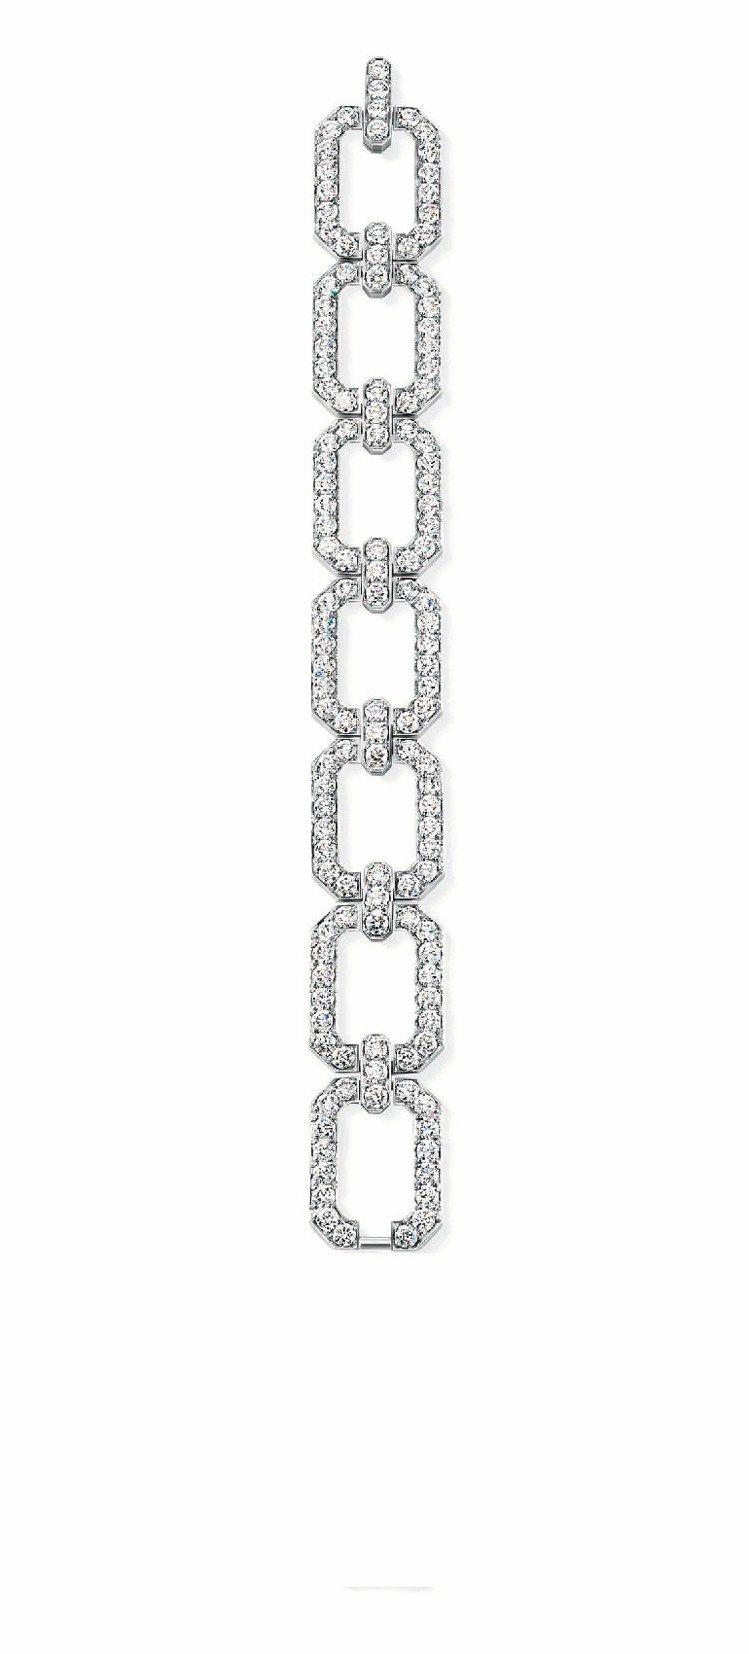 Medium Links手鍊,鉑金鑲嵌共106顆總重40.07克拉鑽石,1,33...